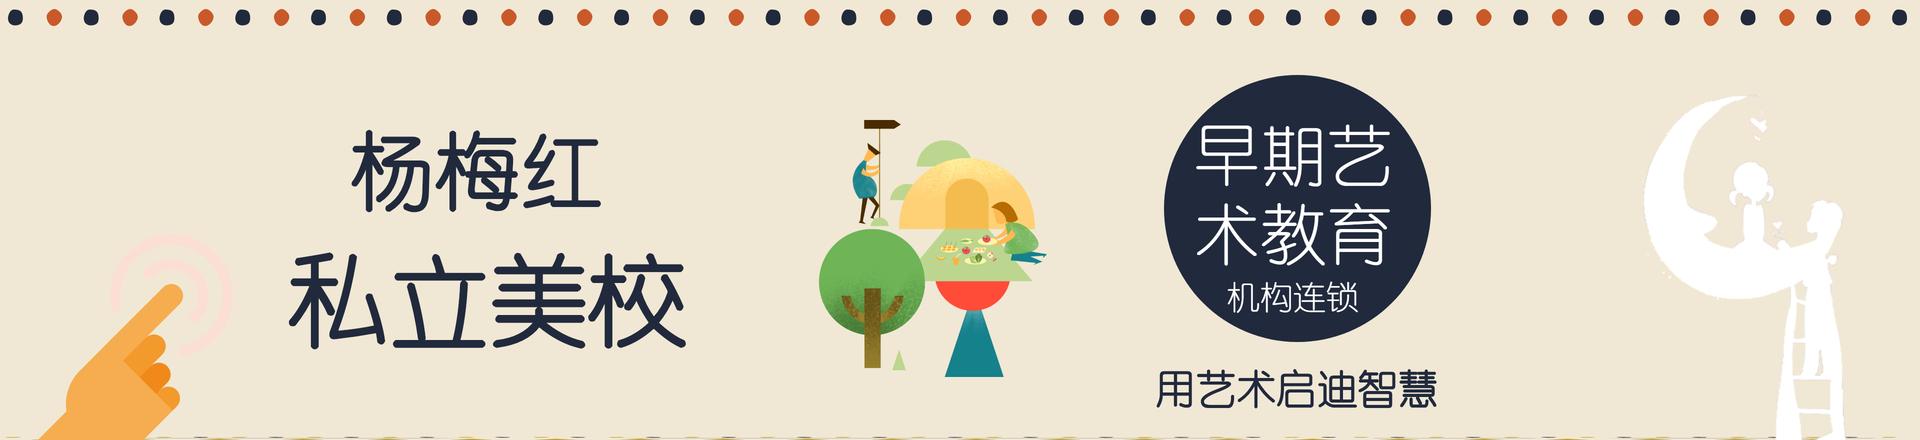 扬州五彩世界杨梅红国际私立美校